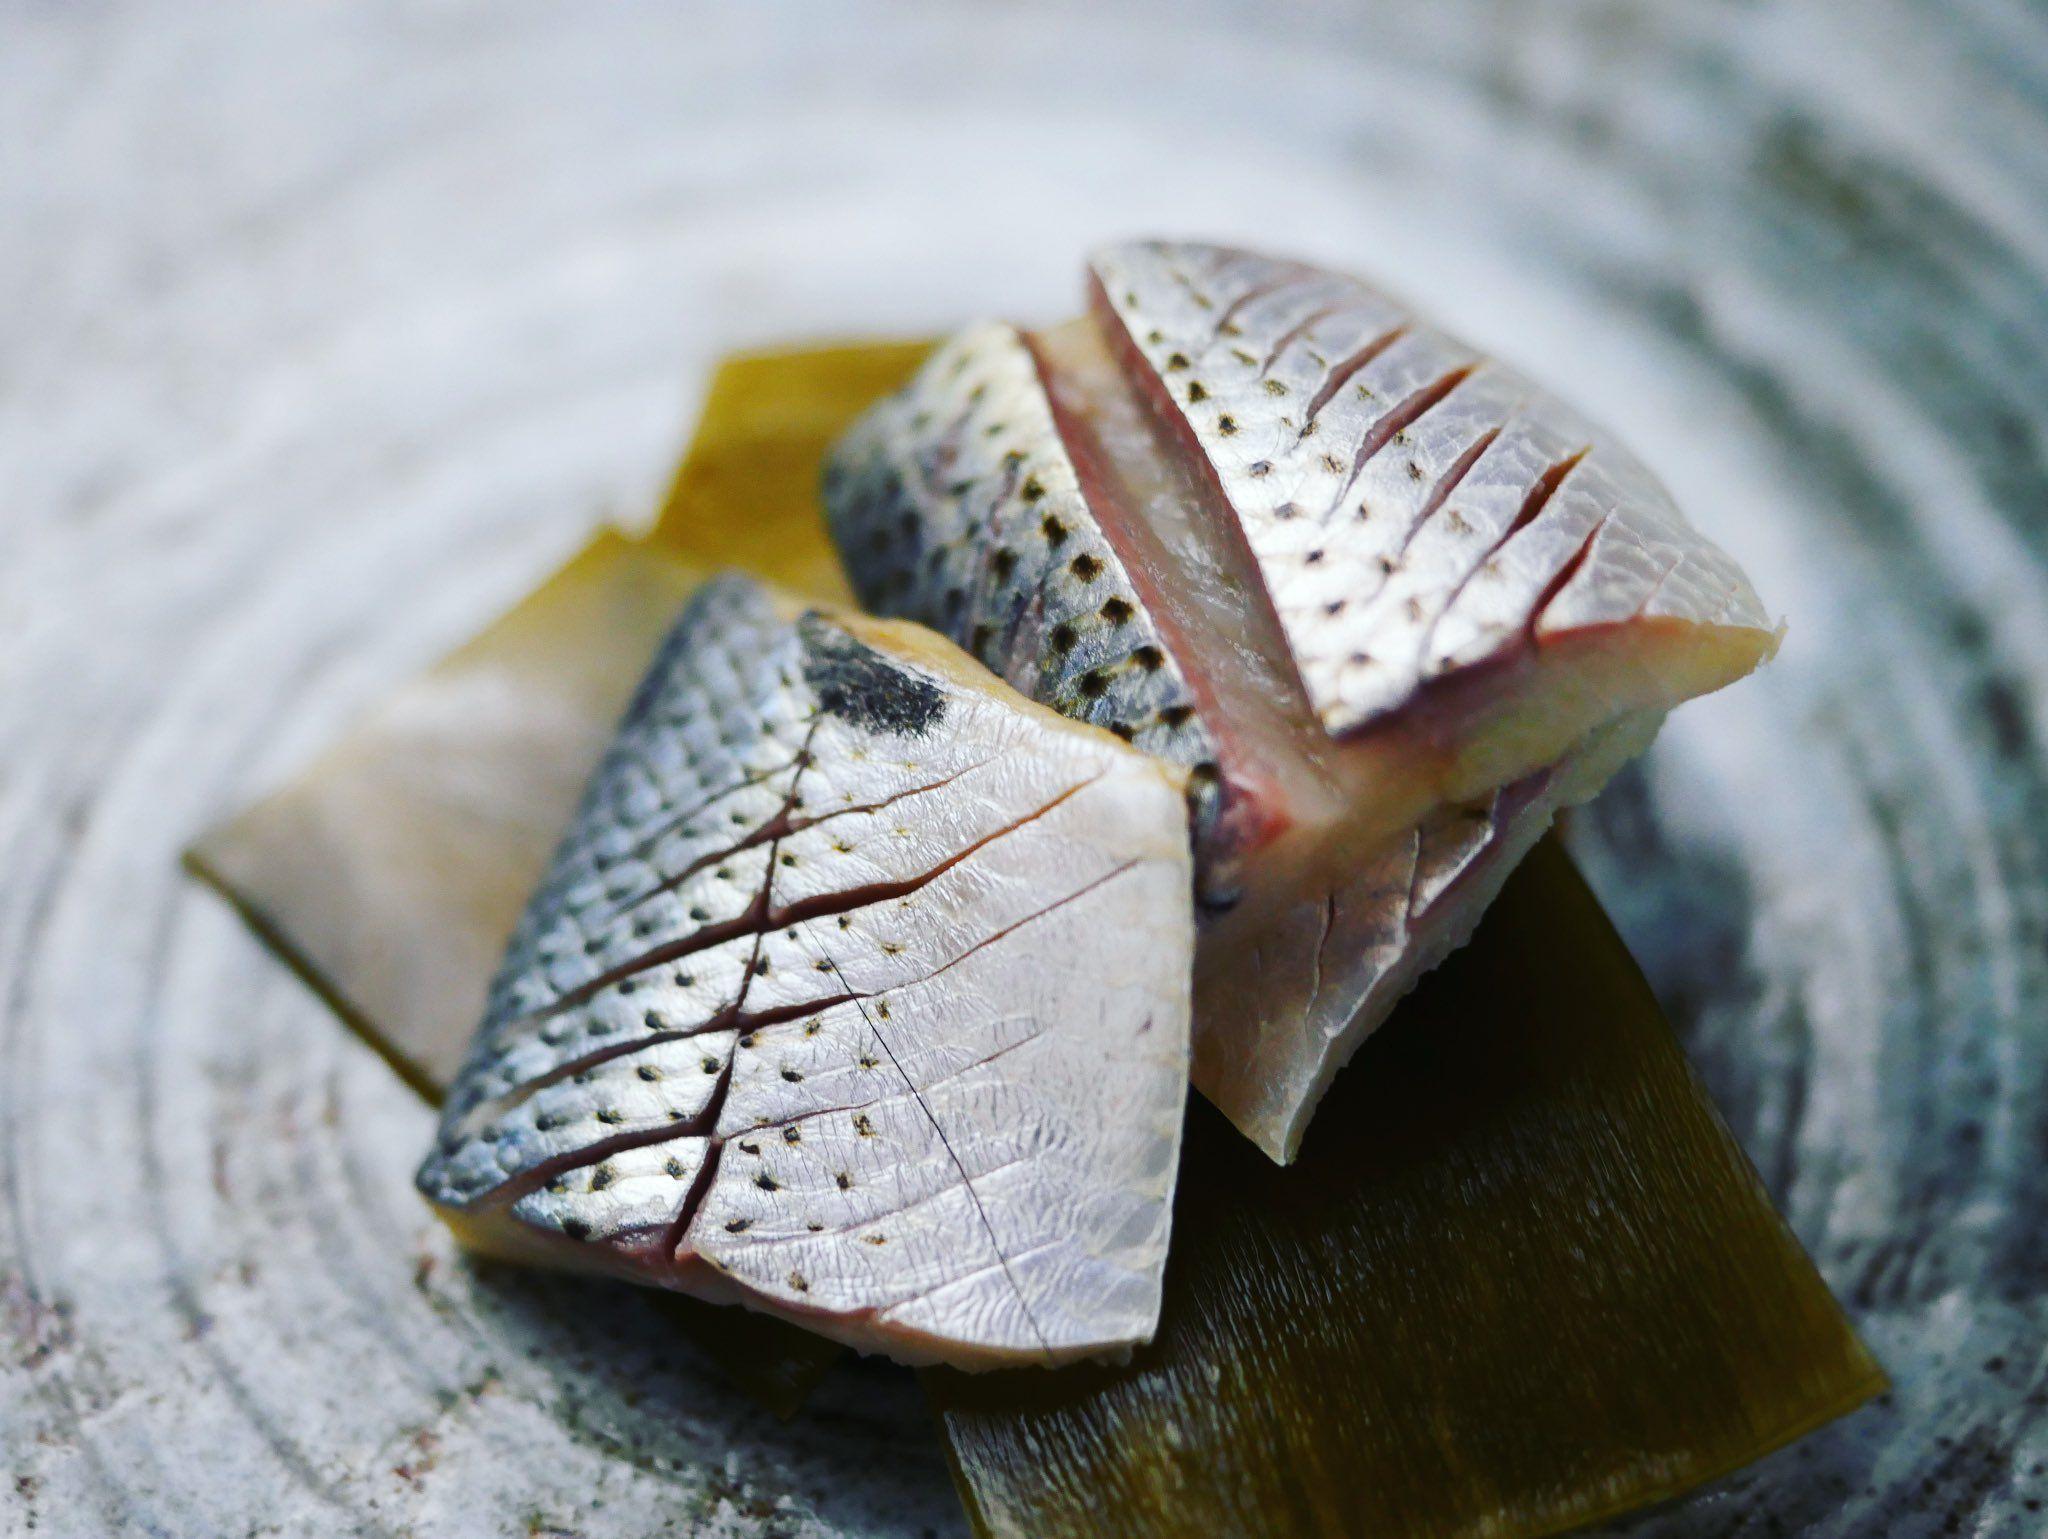 ナカズミ(コハダ)の昆布締め^ ^ コノシロになると骨が気になるけど小さいナカズミならそこまで気にならない #ごはん  #手作り  #日本料理 #寿司  #鮨  #sushi🍣  #sushi  #sashimi  #釣り #熟成魚 #熟成 #コハダ #小肌 #食べ物  #食べ物グラム #kohada  #こはだ #コノシロ #ナカズミ